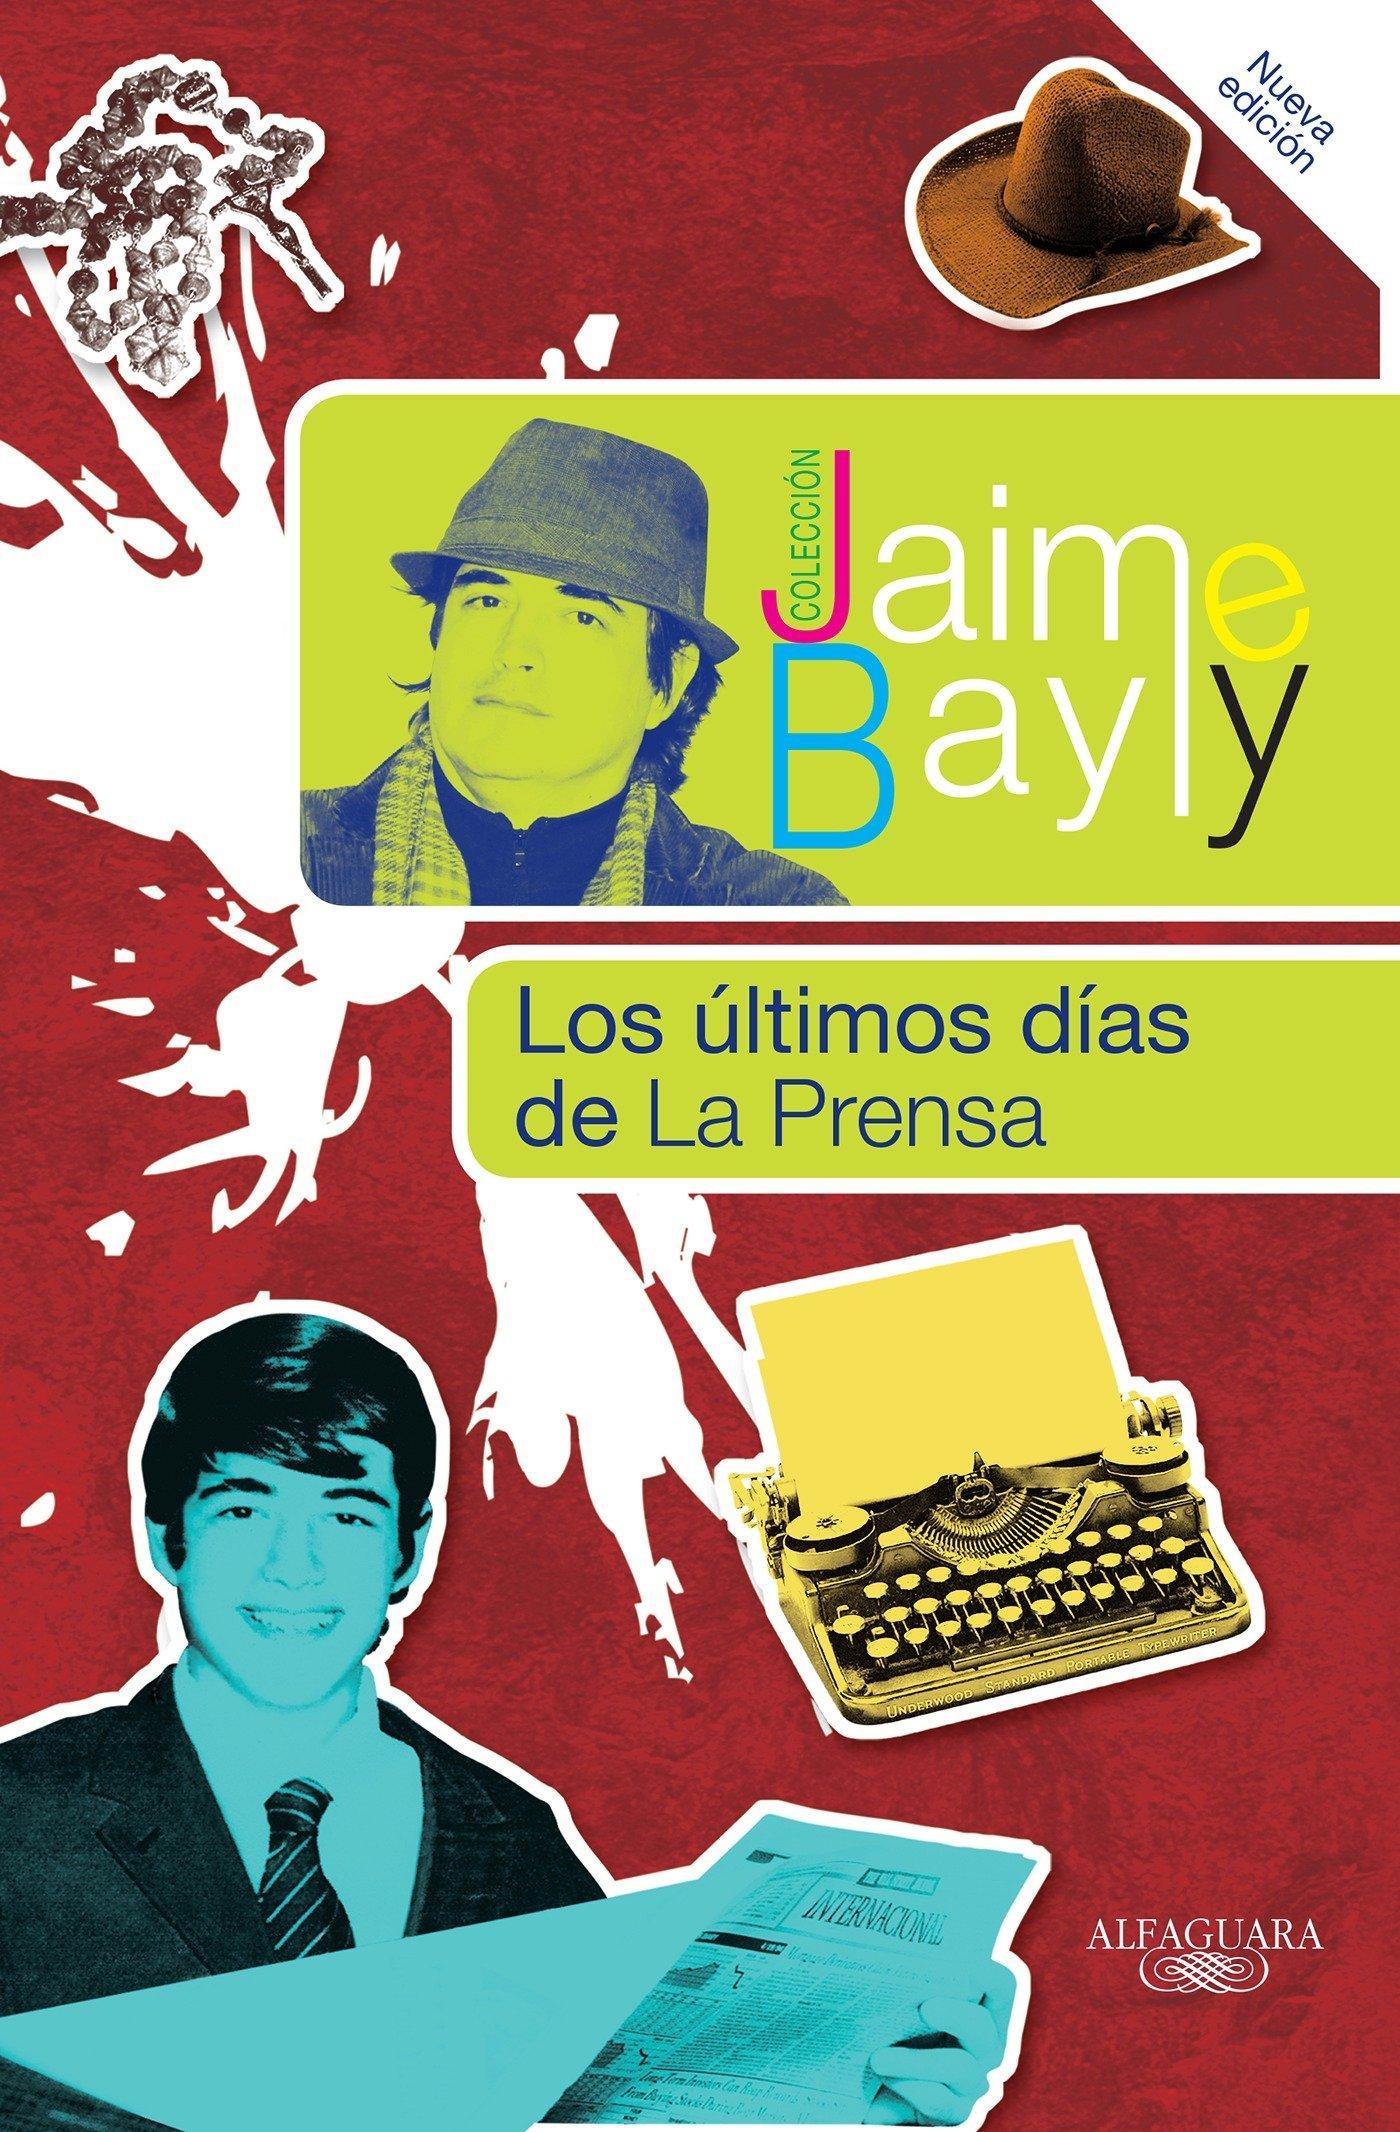 Los Ultimos Dias De La Prensa The Final Days Of La Prensa Jaime Bayly Collection Spanish Edition Bayly Jaime 9781616050924 Amazon Com Books Escritor, periodista y conductor de televisión peruano. los ultimos dias de la prensa the